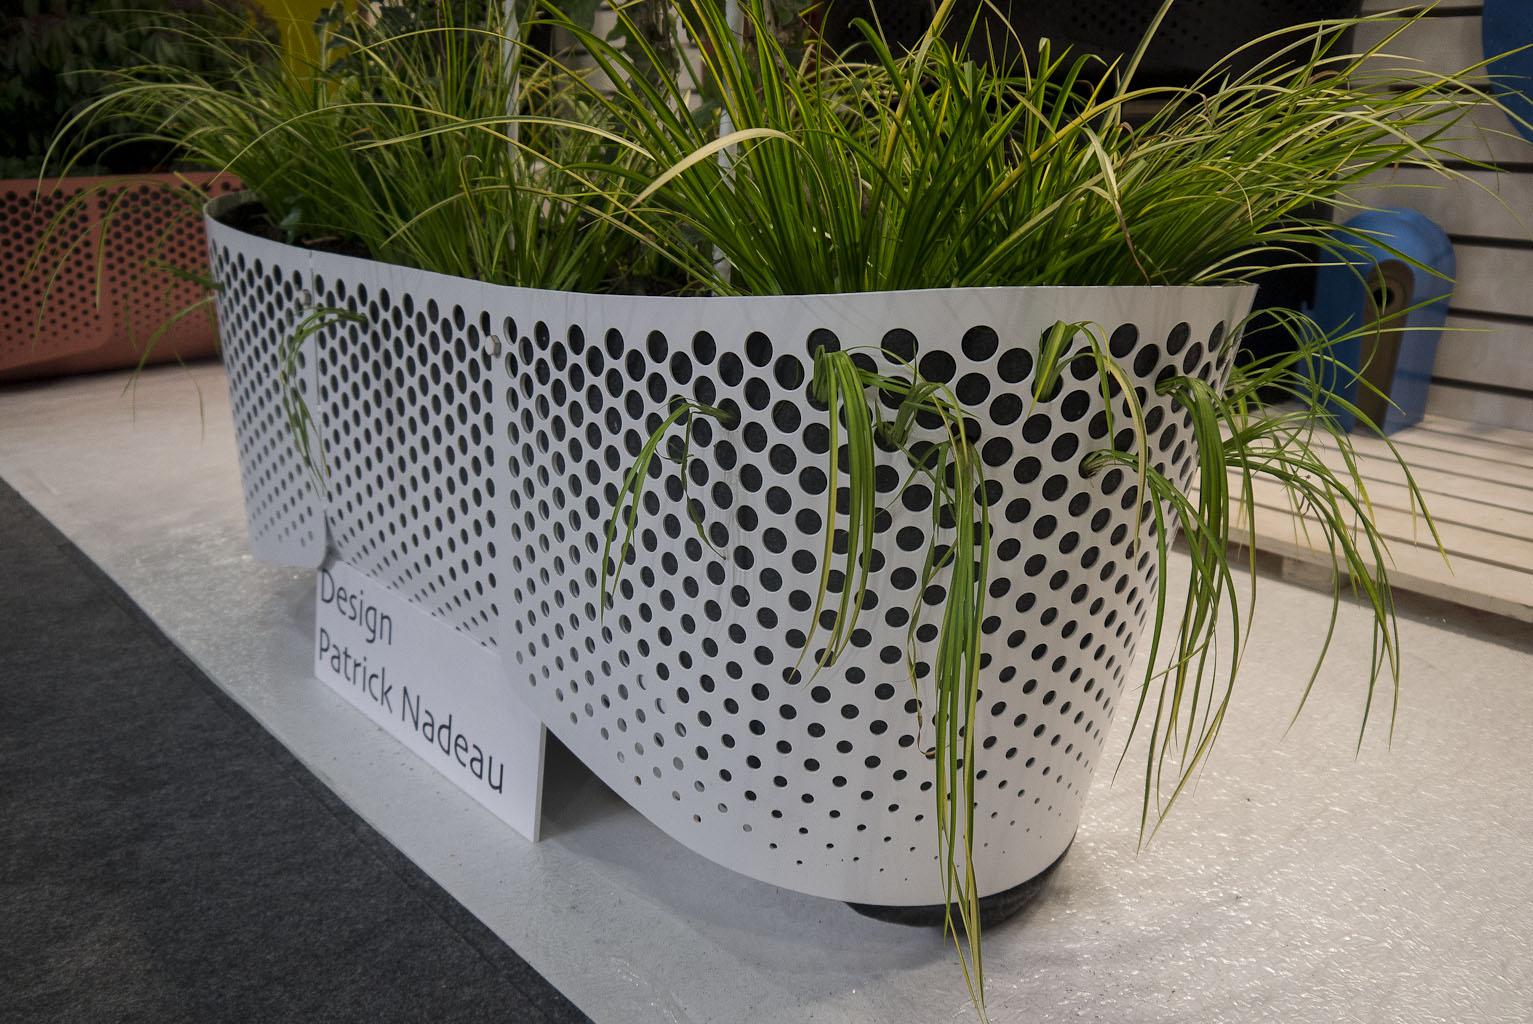 Nouveautés Laorus pour le jardin, innovations avec l'architecte designer Patrick Nadeau